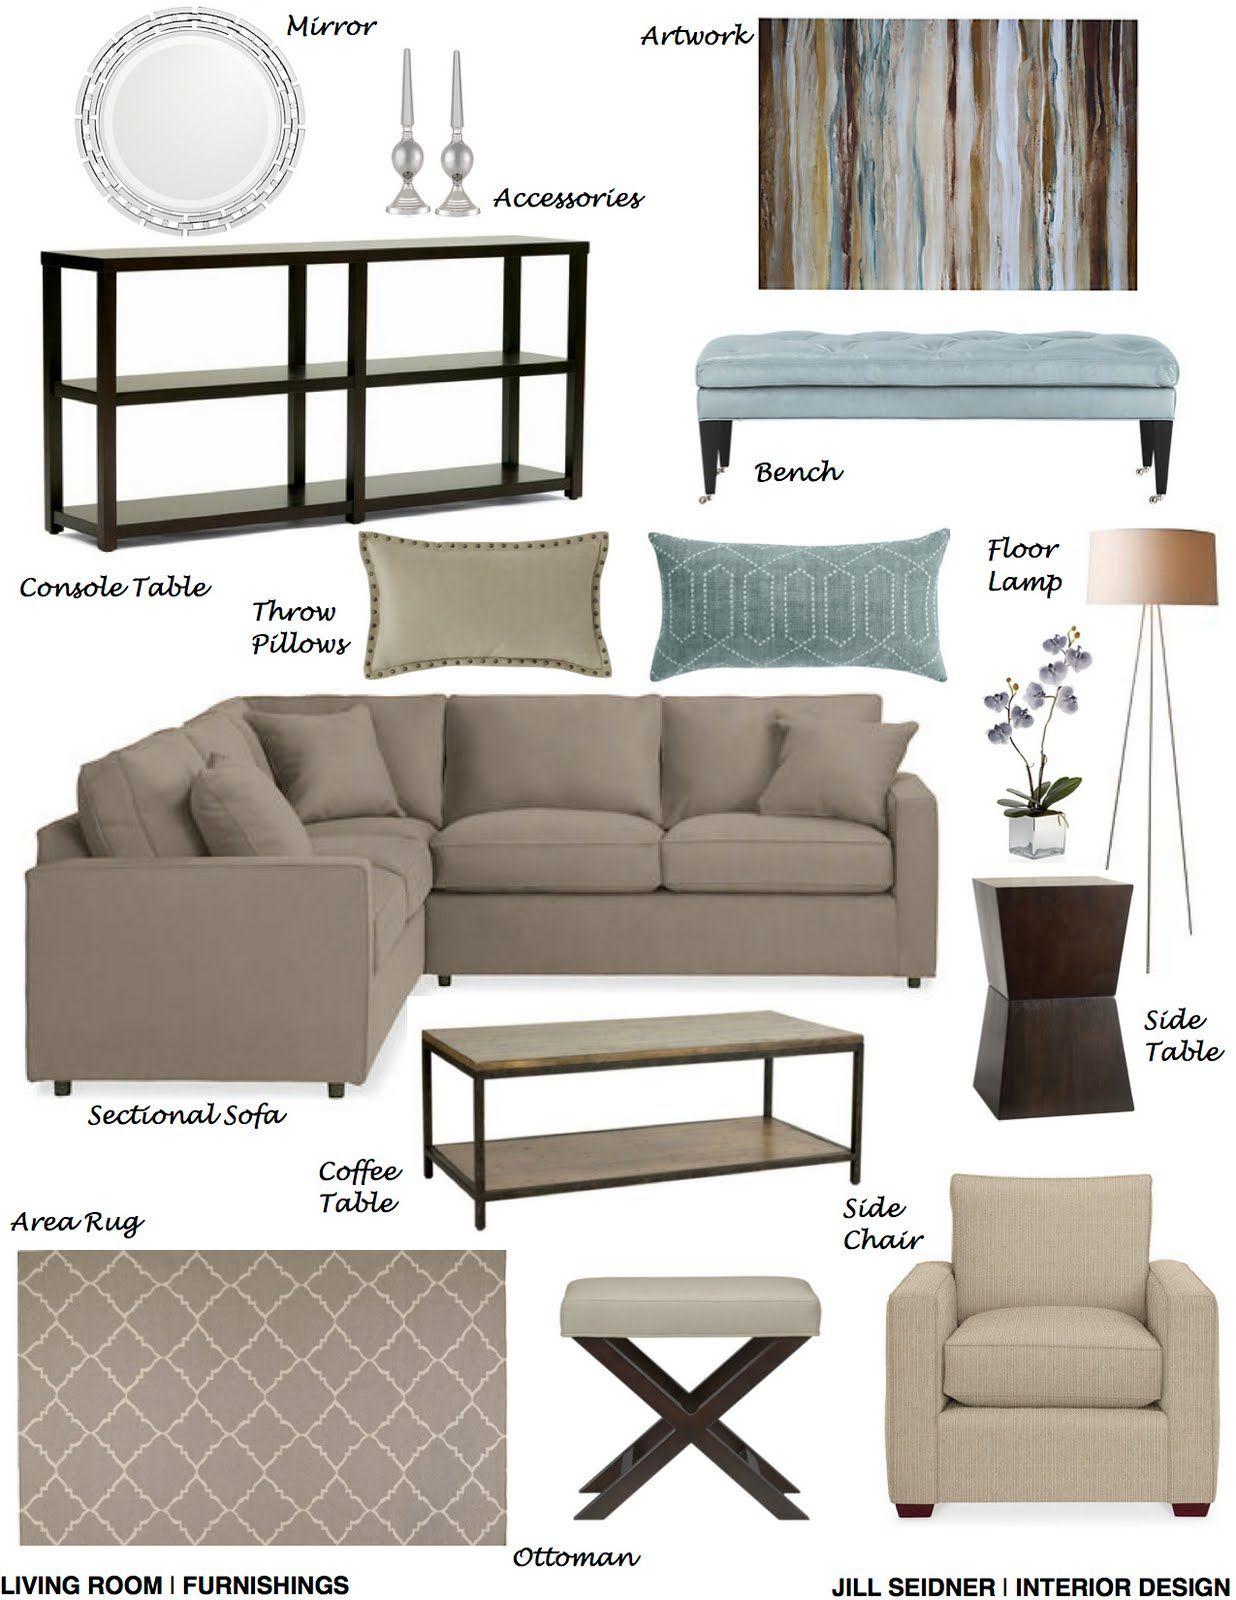 Incroyable Jill Seidner Interior Design: Online Design | Interior Design Services